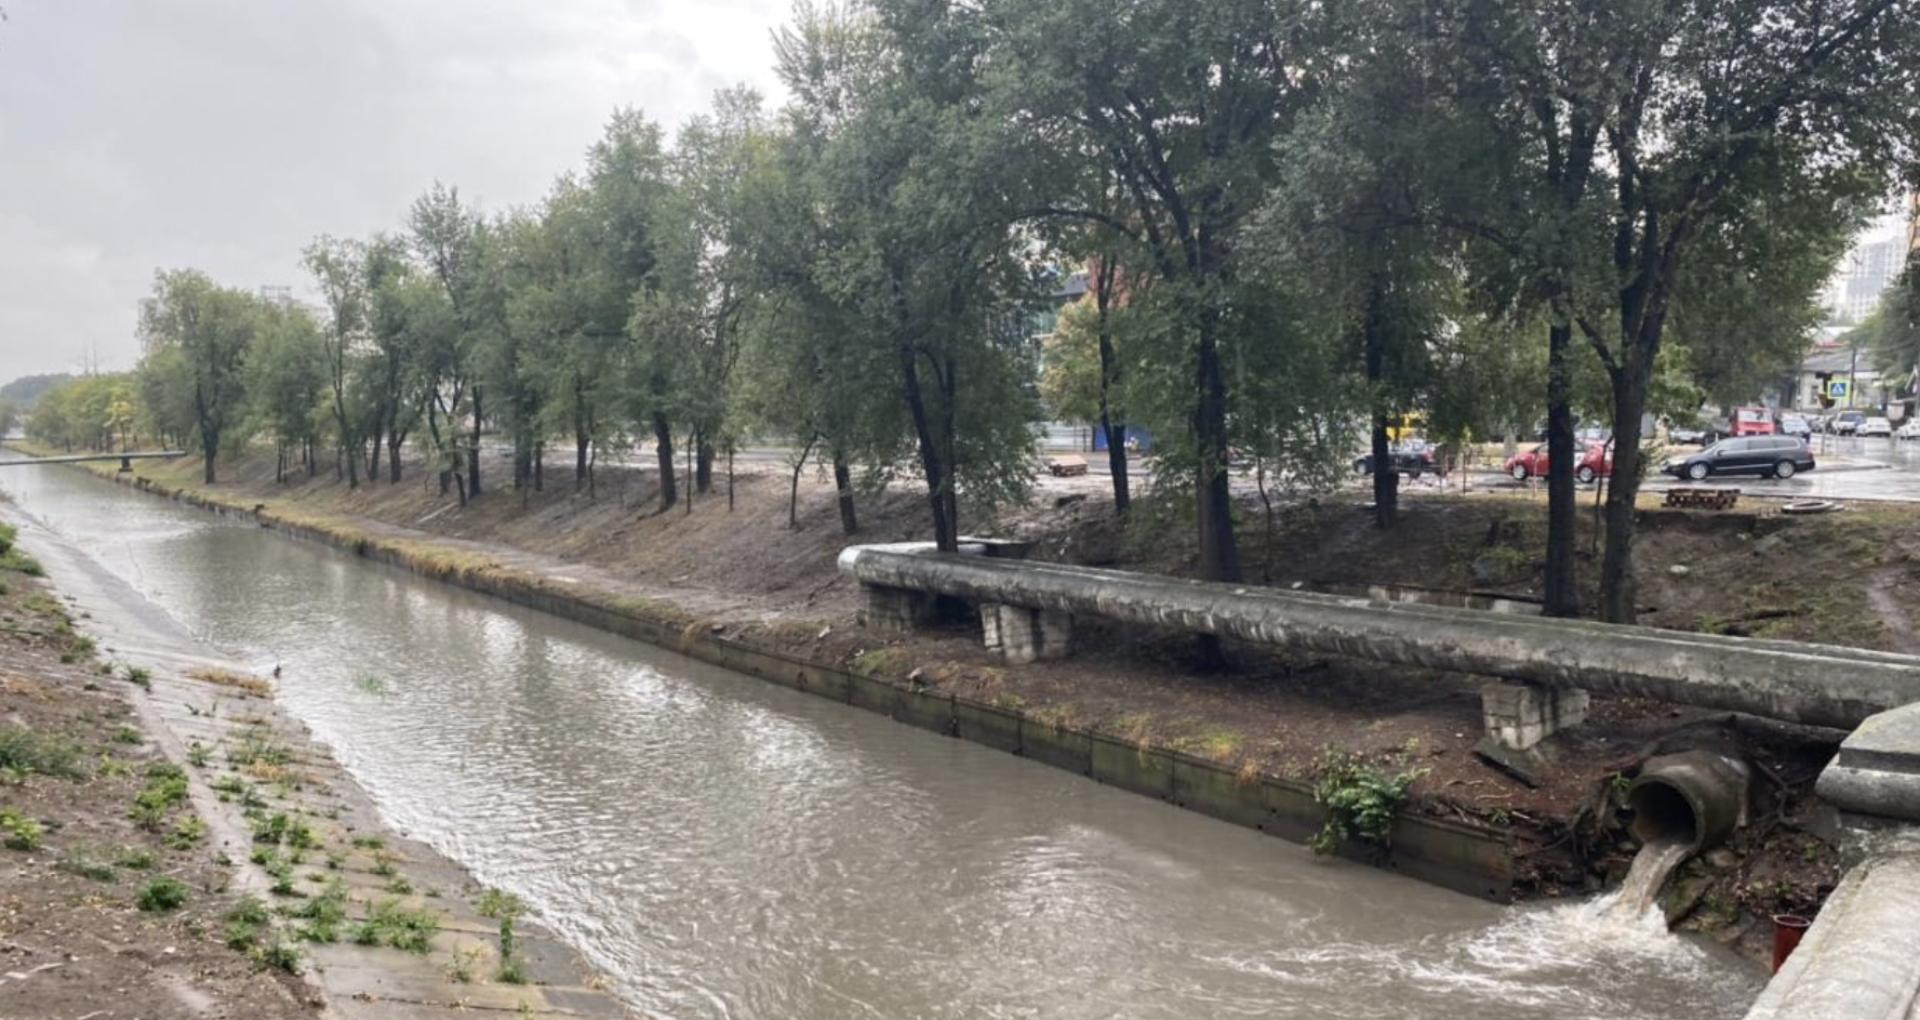 Ceban, după ploaia de azi: Toate serviciile municipale sunt antrenate în sectoarele capitalei pentru a lichida consecinţele provocate de ploaie